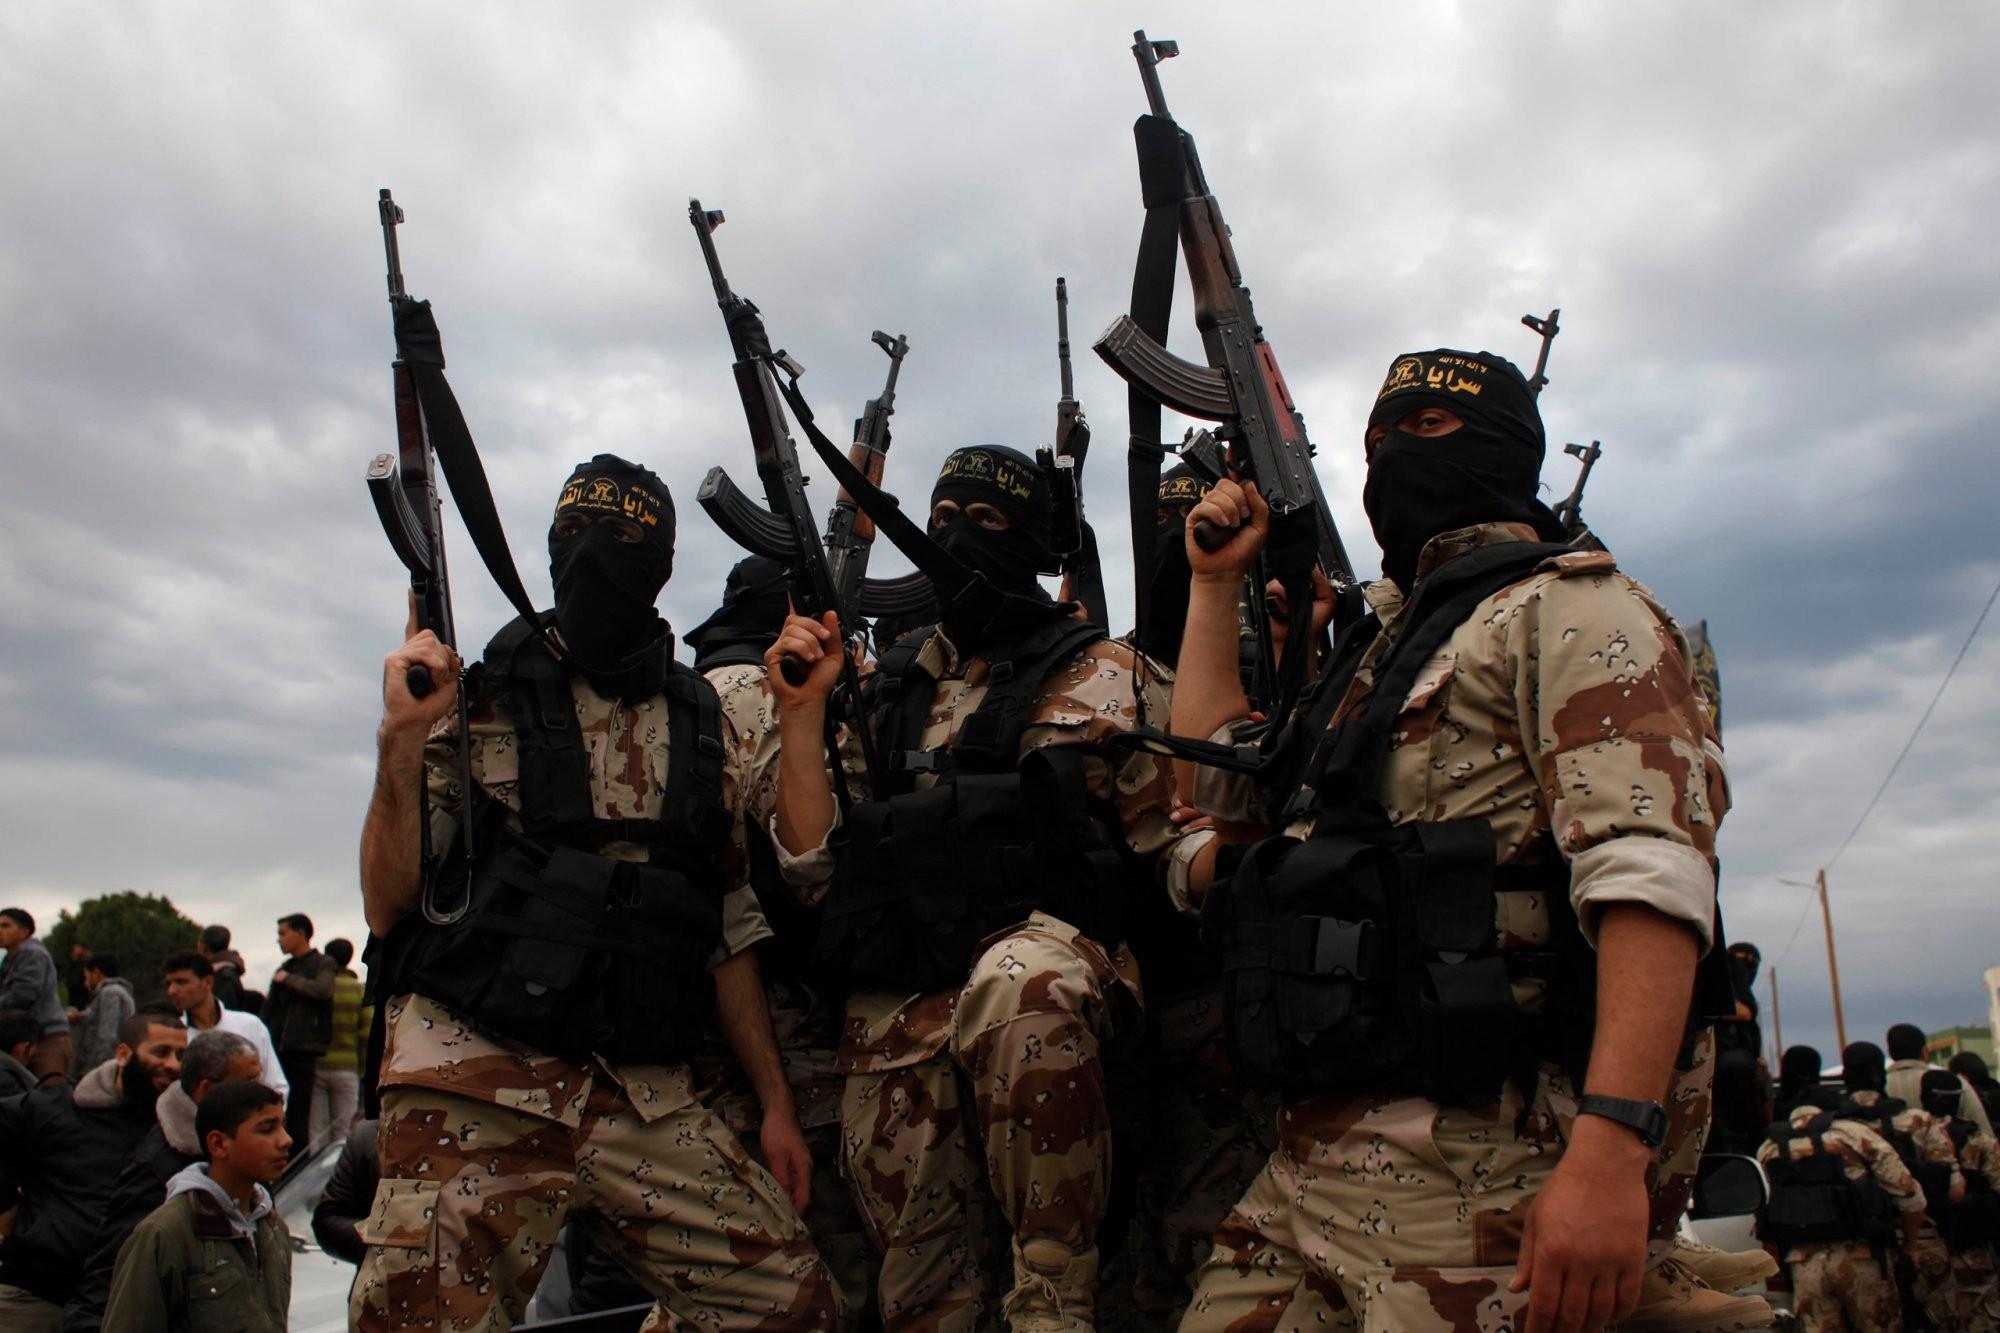 Одним из убитых в Сирии террористов ИГИЛ оказался россиянин из Оренбургской области: в Сети появились уникальные фото и видеокадры